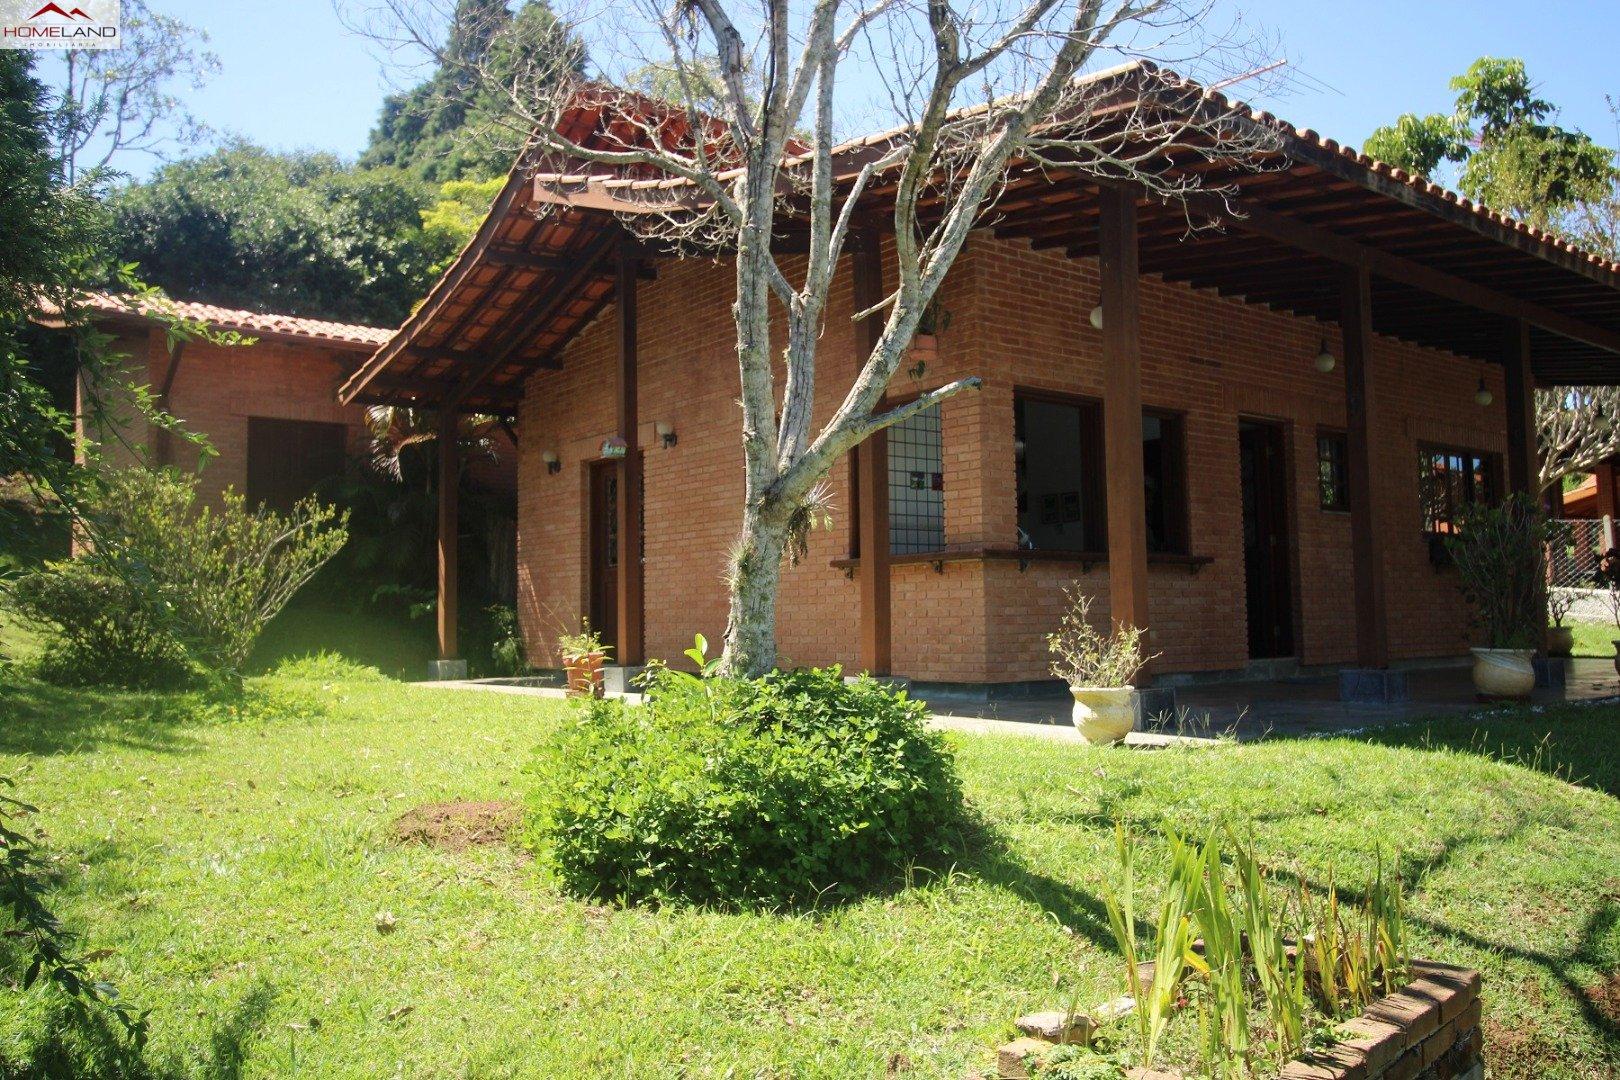 HL-208 Aconchegante casa de campo com 3 dormitórios a venda no Patrimônio do Carmo R$ 980.000